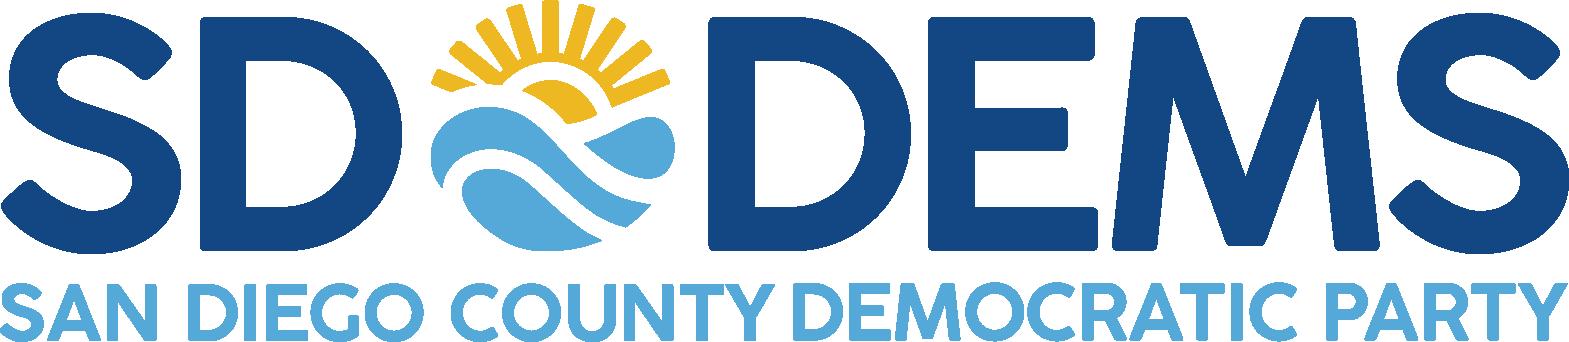 SDCDP Horizontal Logo.png